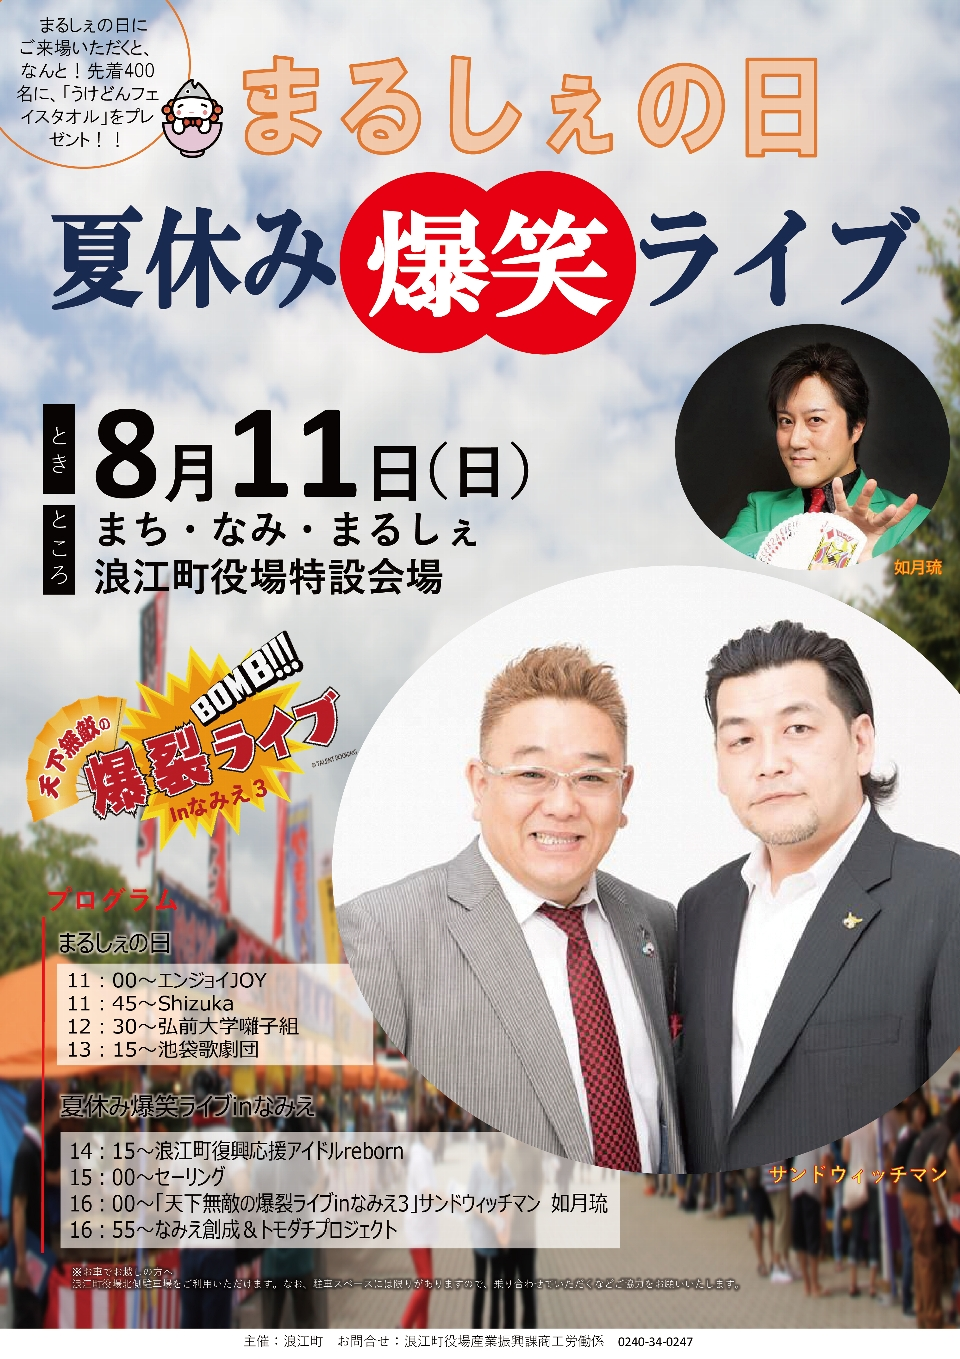 2019.8.11まるしぇの日&夏休み爆笑ライブ